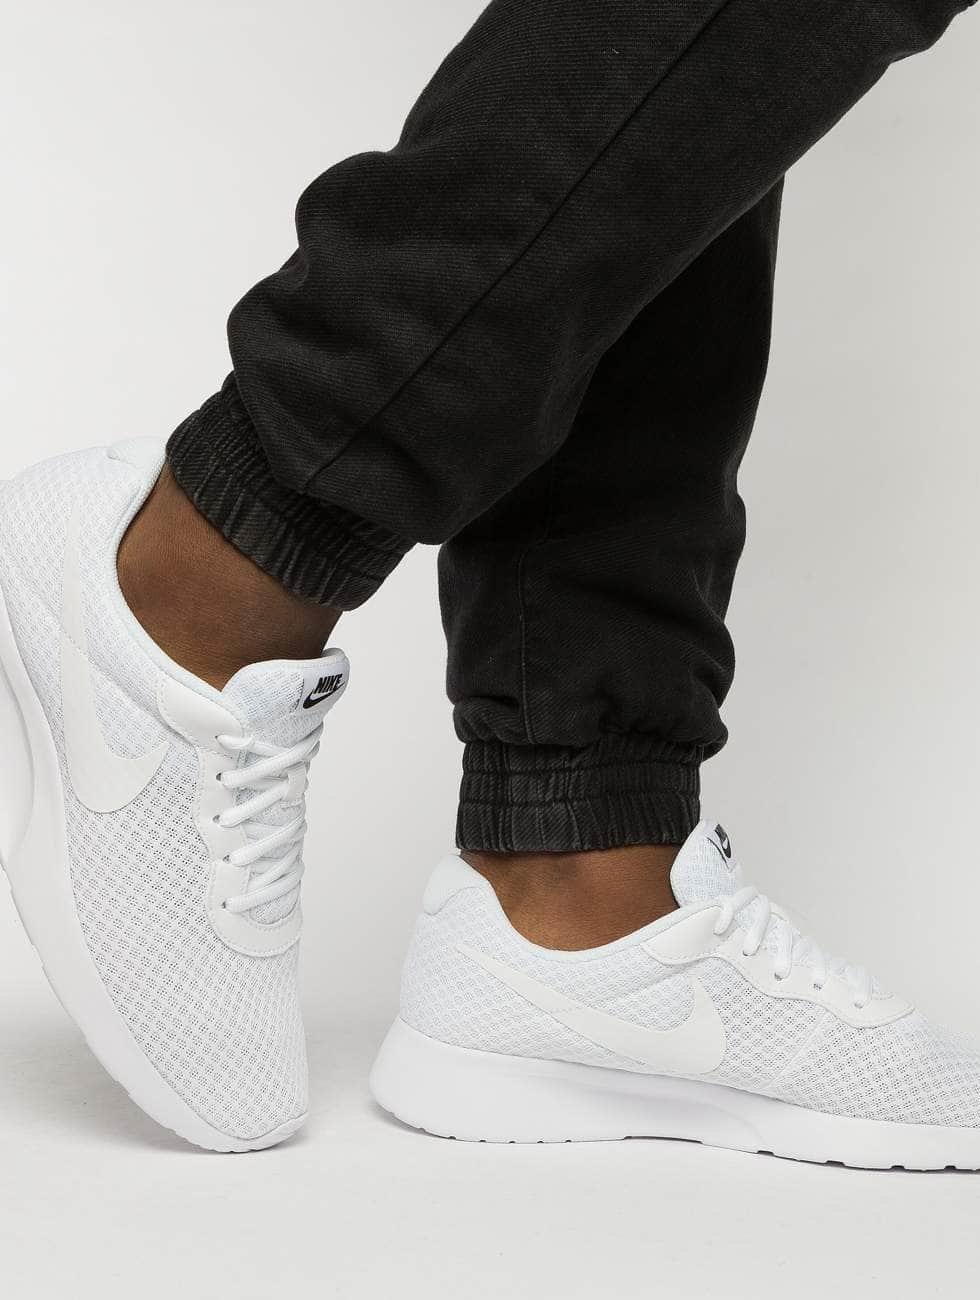 Nike schoen / sneaker Tanjun in wit 443863 Goede Deals Verkennen Online J0mTIF1